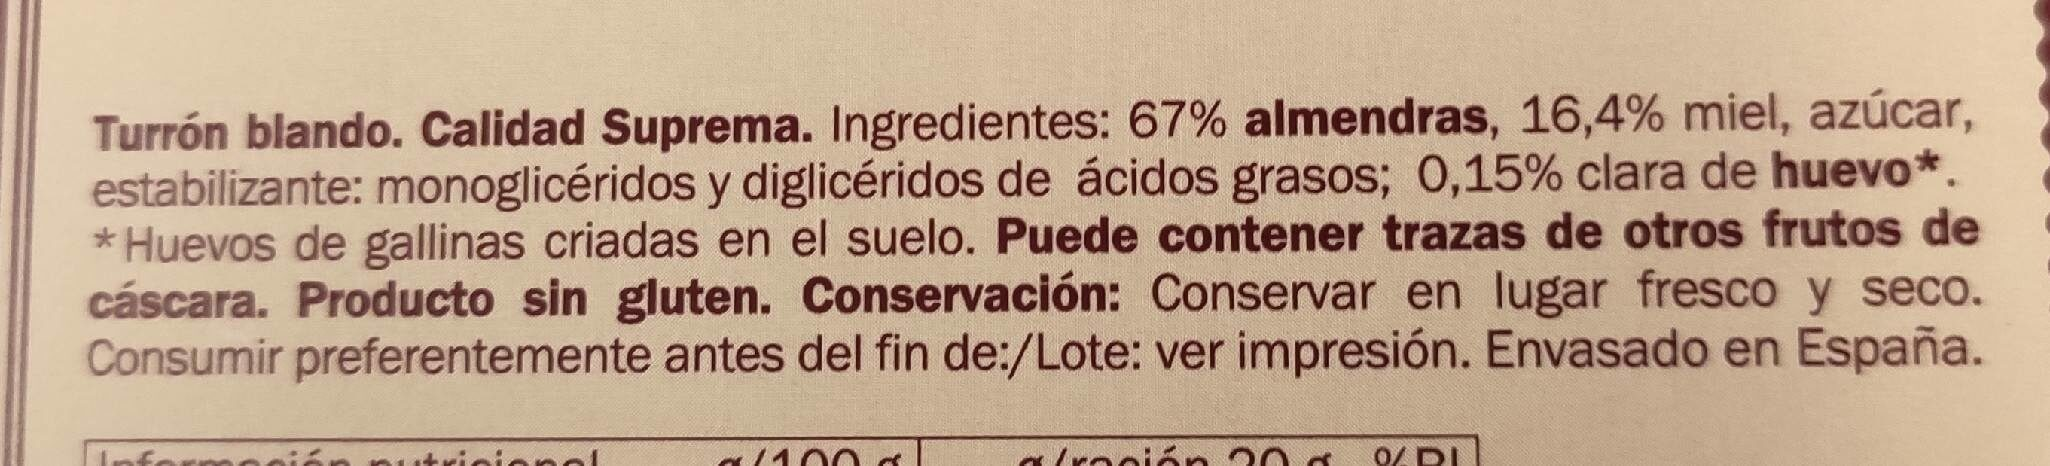 Turrón blando - Información nutricional - es